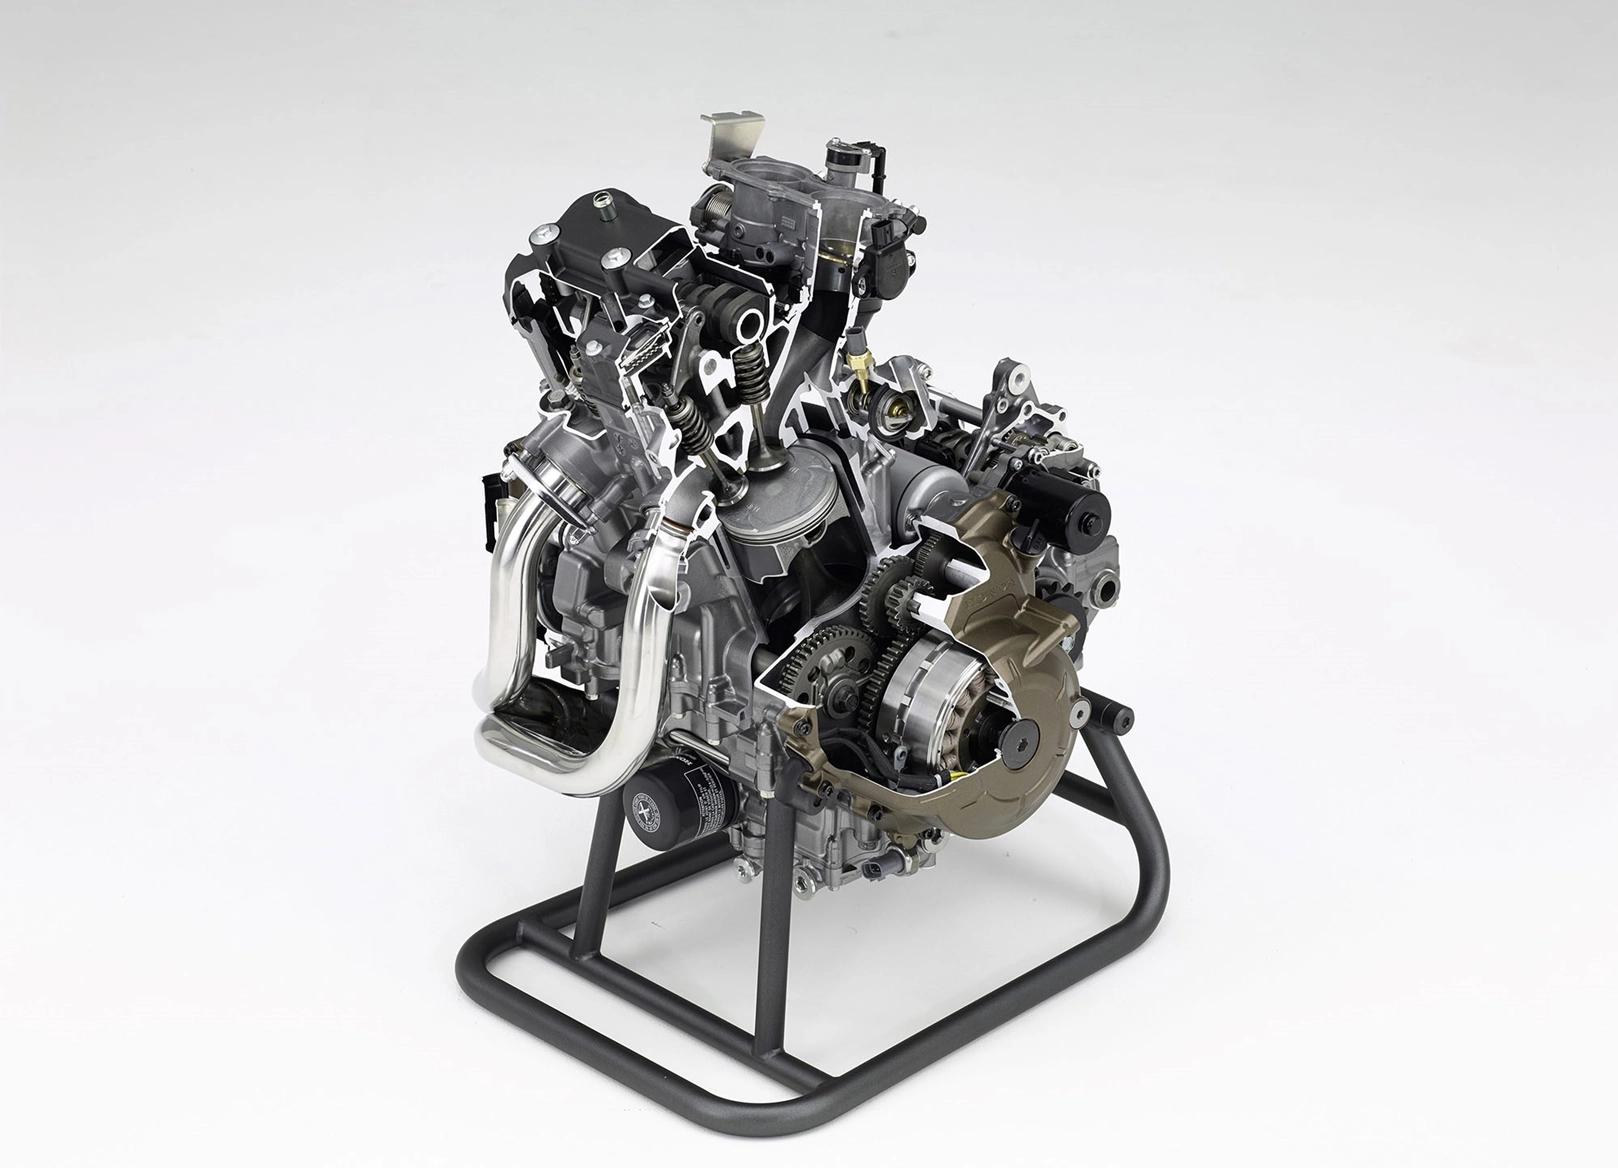 Представлен Honda Africa Twin 1100 2020